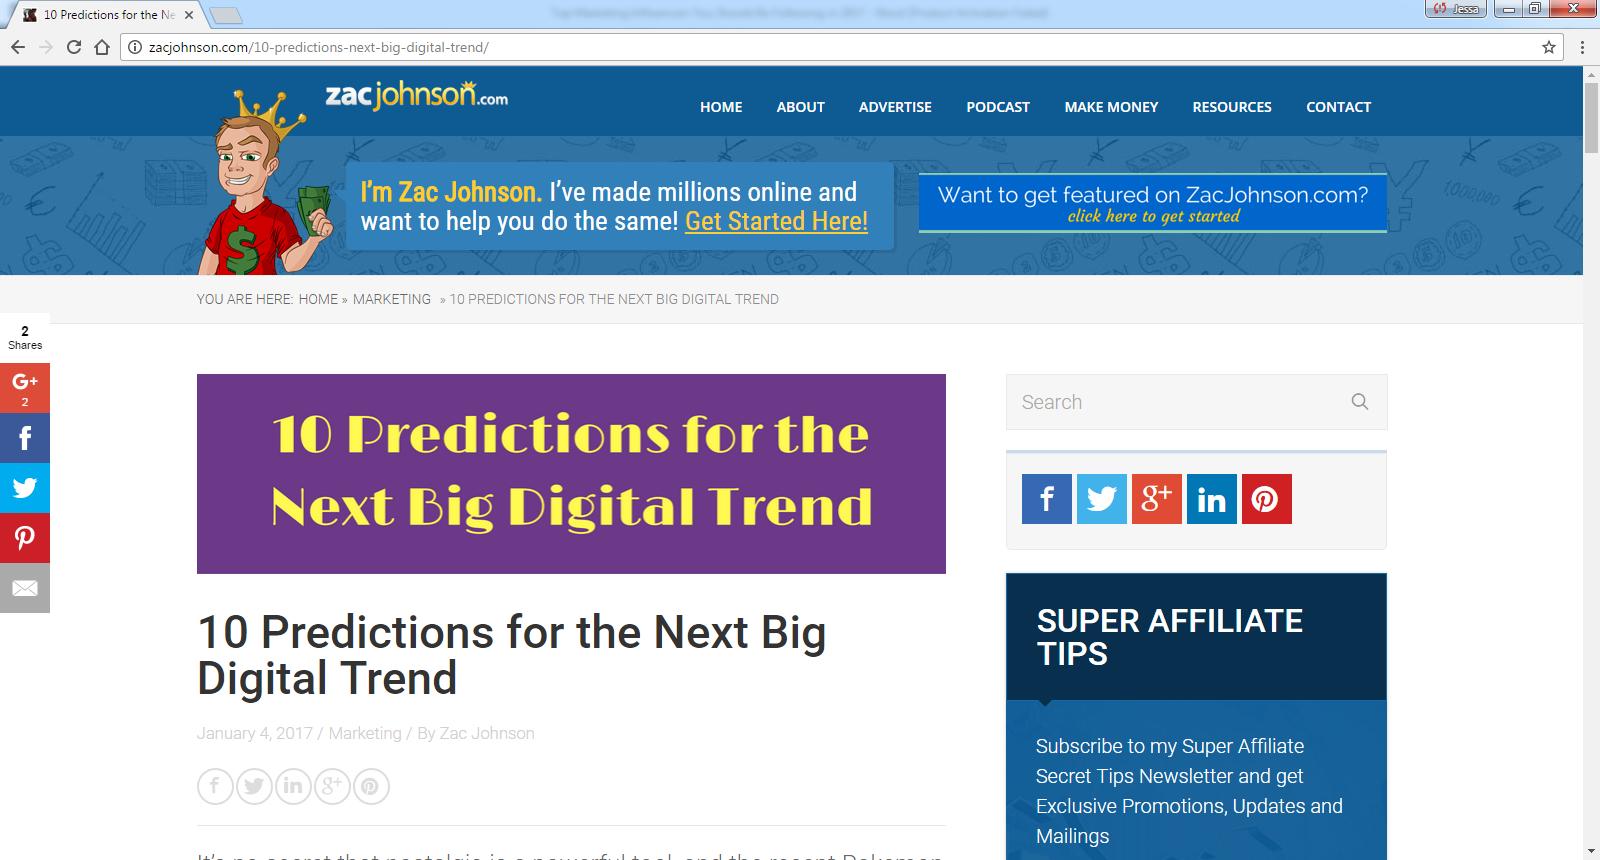 10 Predictions for the Next Big Digital Trend - Meet John